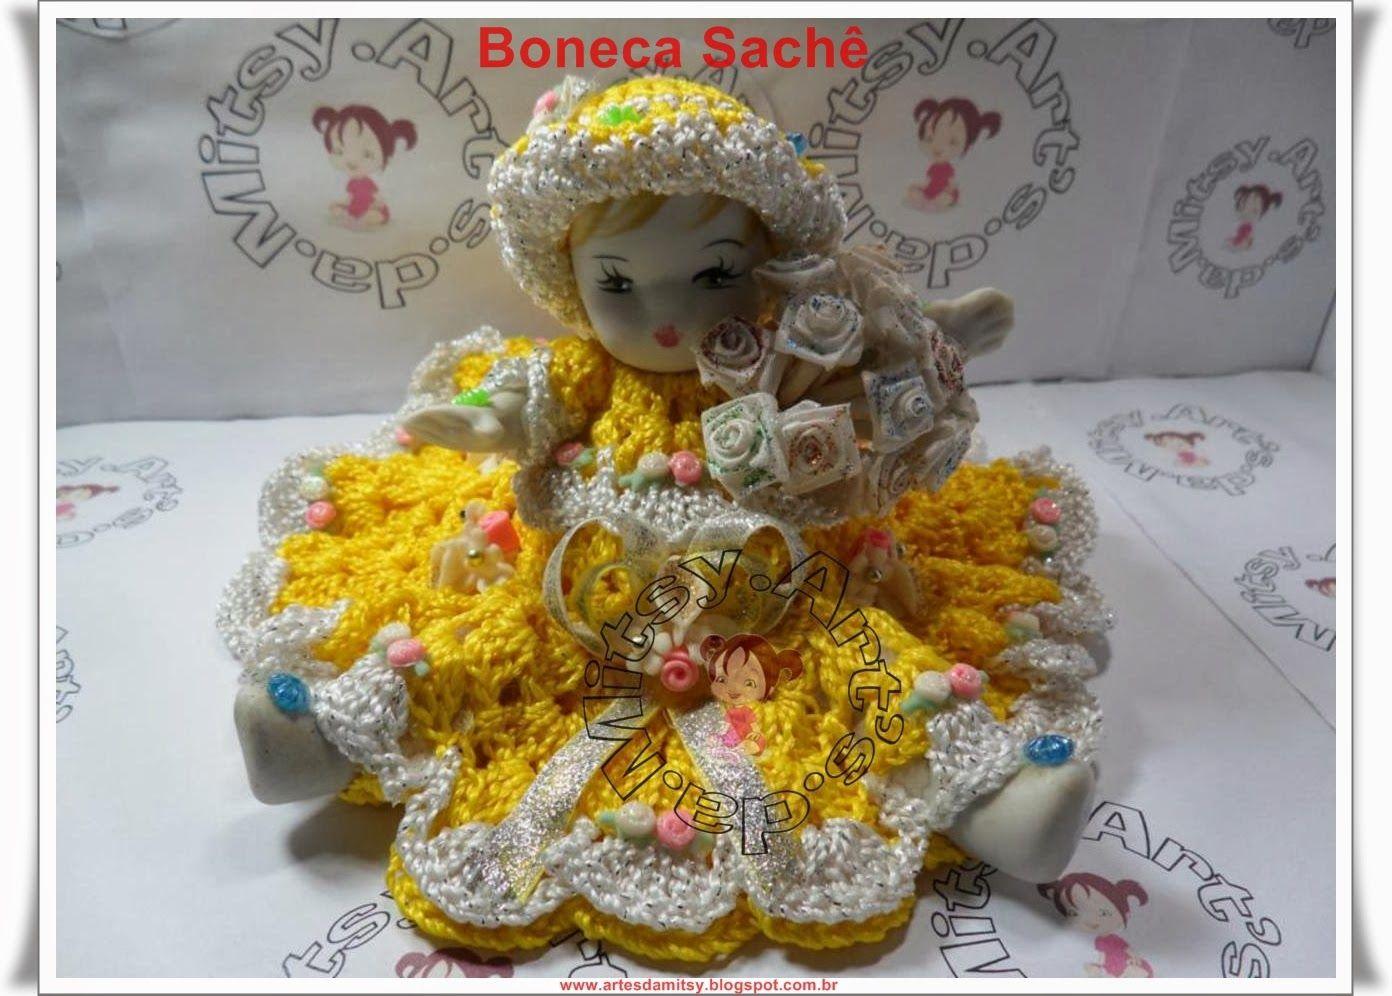 ARTES DA MITSY: Bonecas de Crochê  http://artesdamitsy.blogspot.com.br/2014/02/link-para-o-curso-gratuito-da-boneca.html